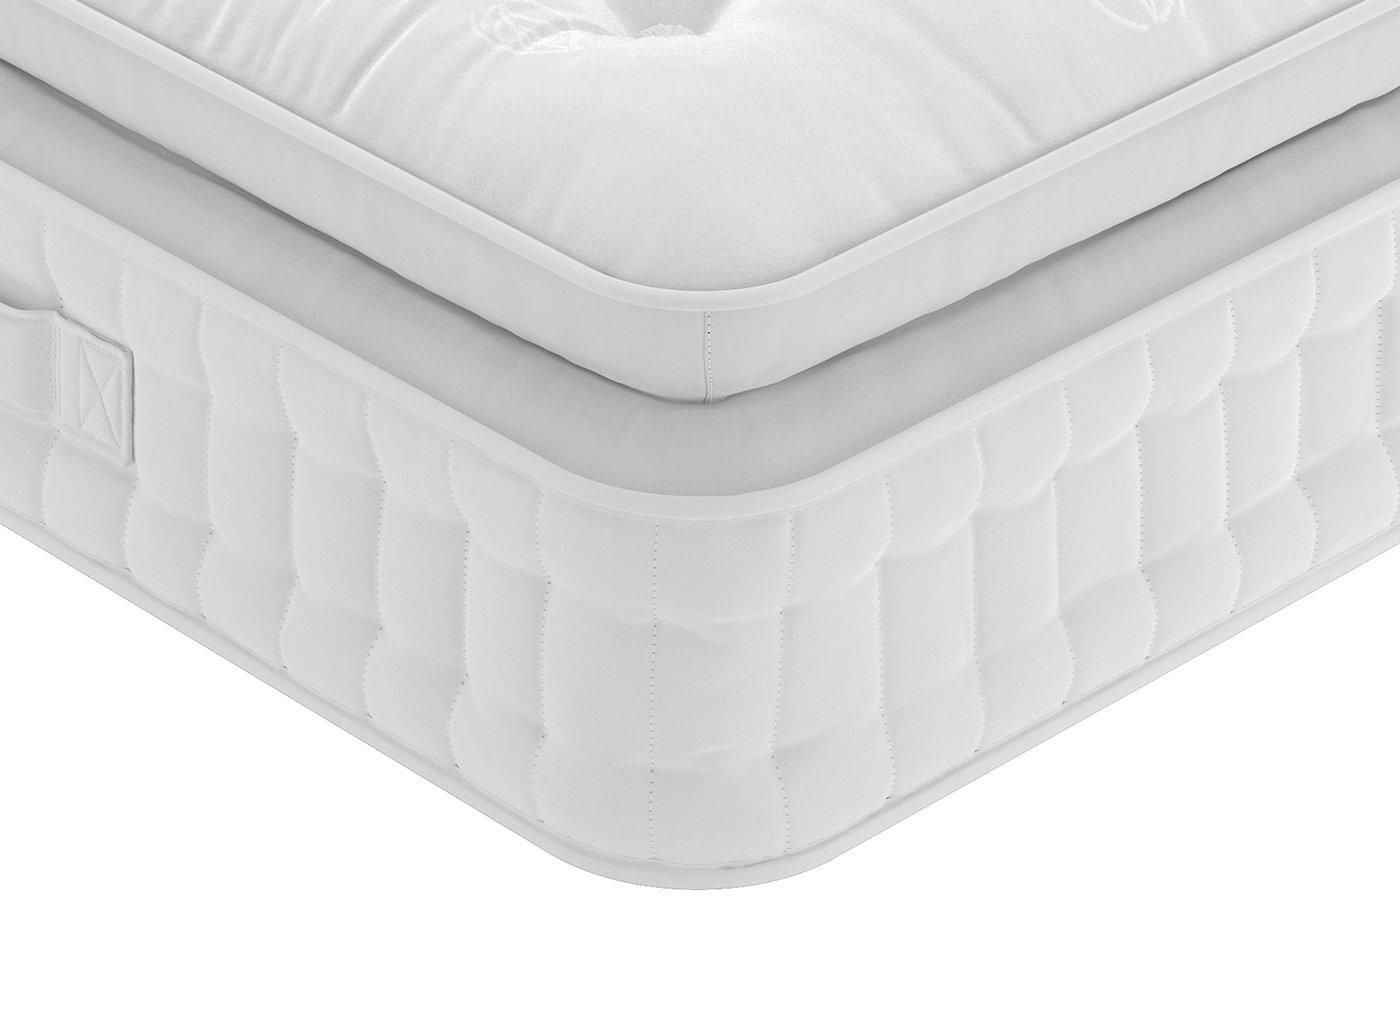 flaxby-nature-s-finest-9450-pillow-top-mattress